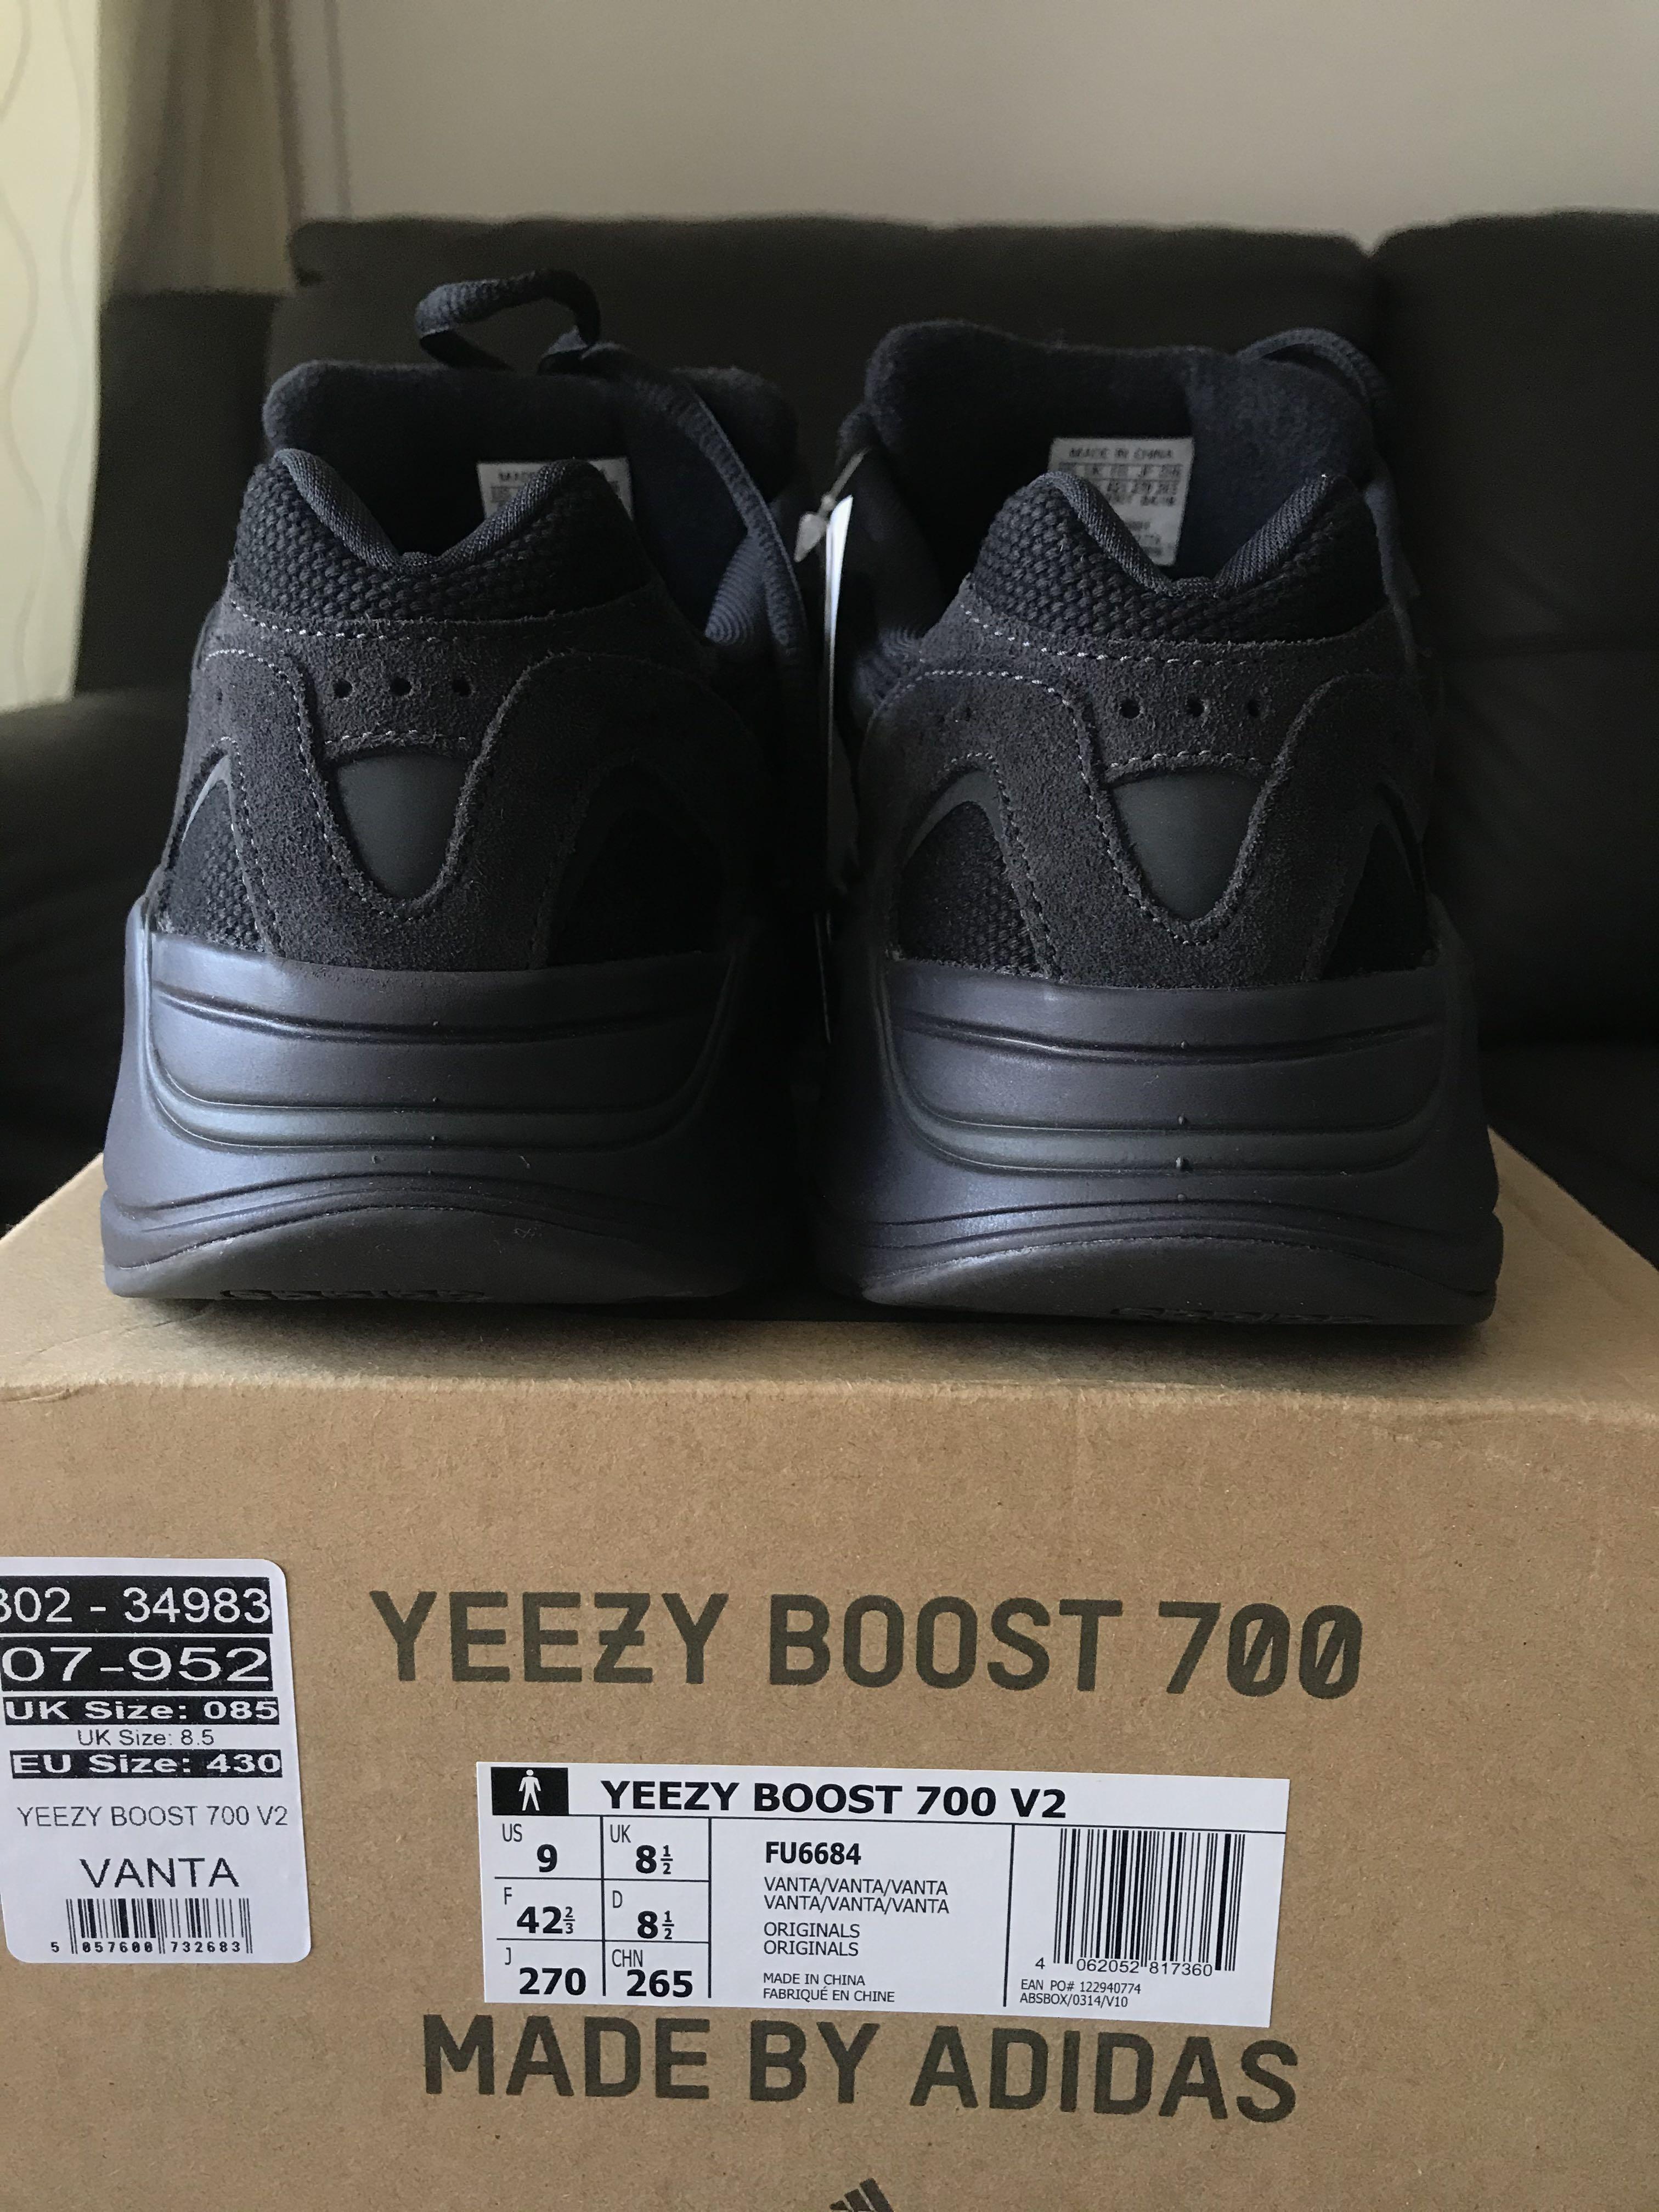 yeezy 700 vanta legit check